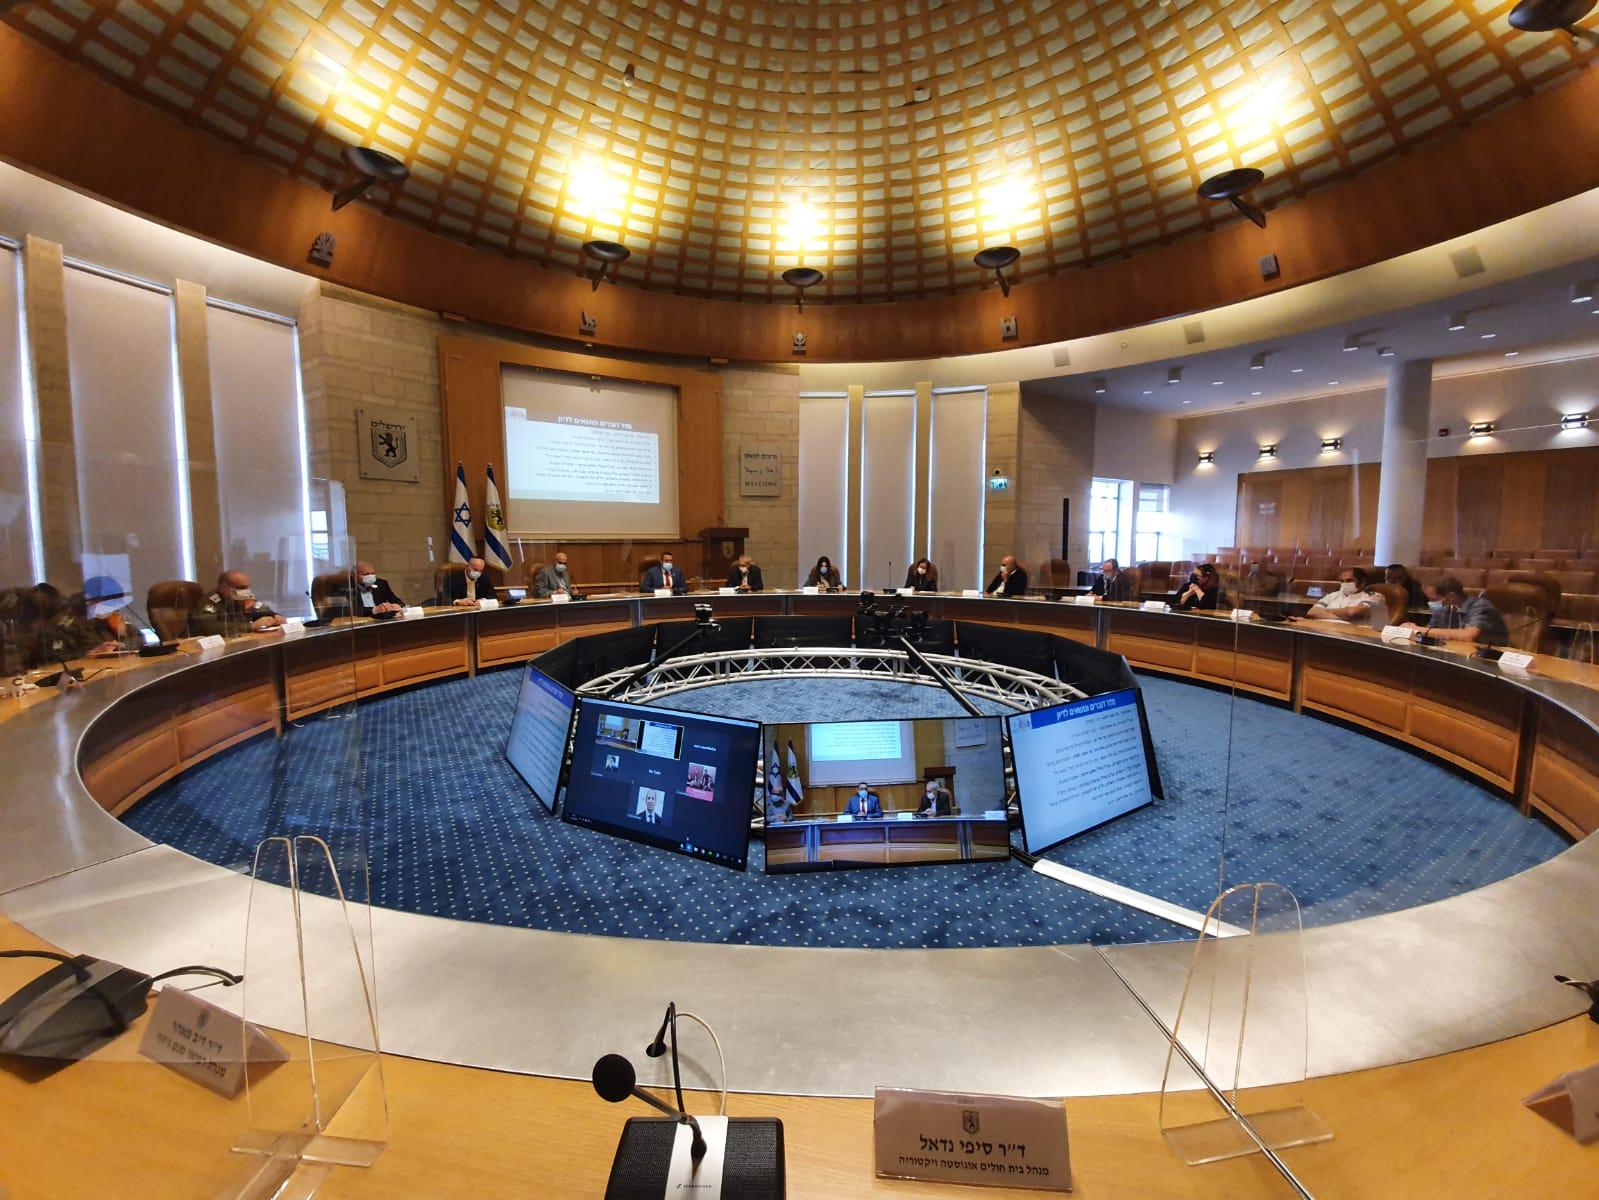 אולם מועצת עיריית ירושלים, ביקור פרויקטור הקורונה הנכנס (צילום: דוברות העירייה)